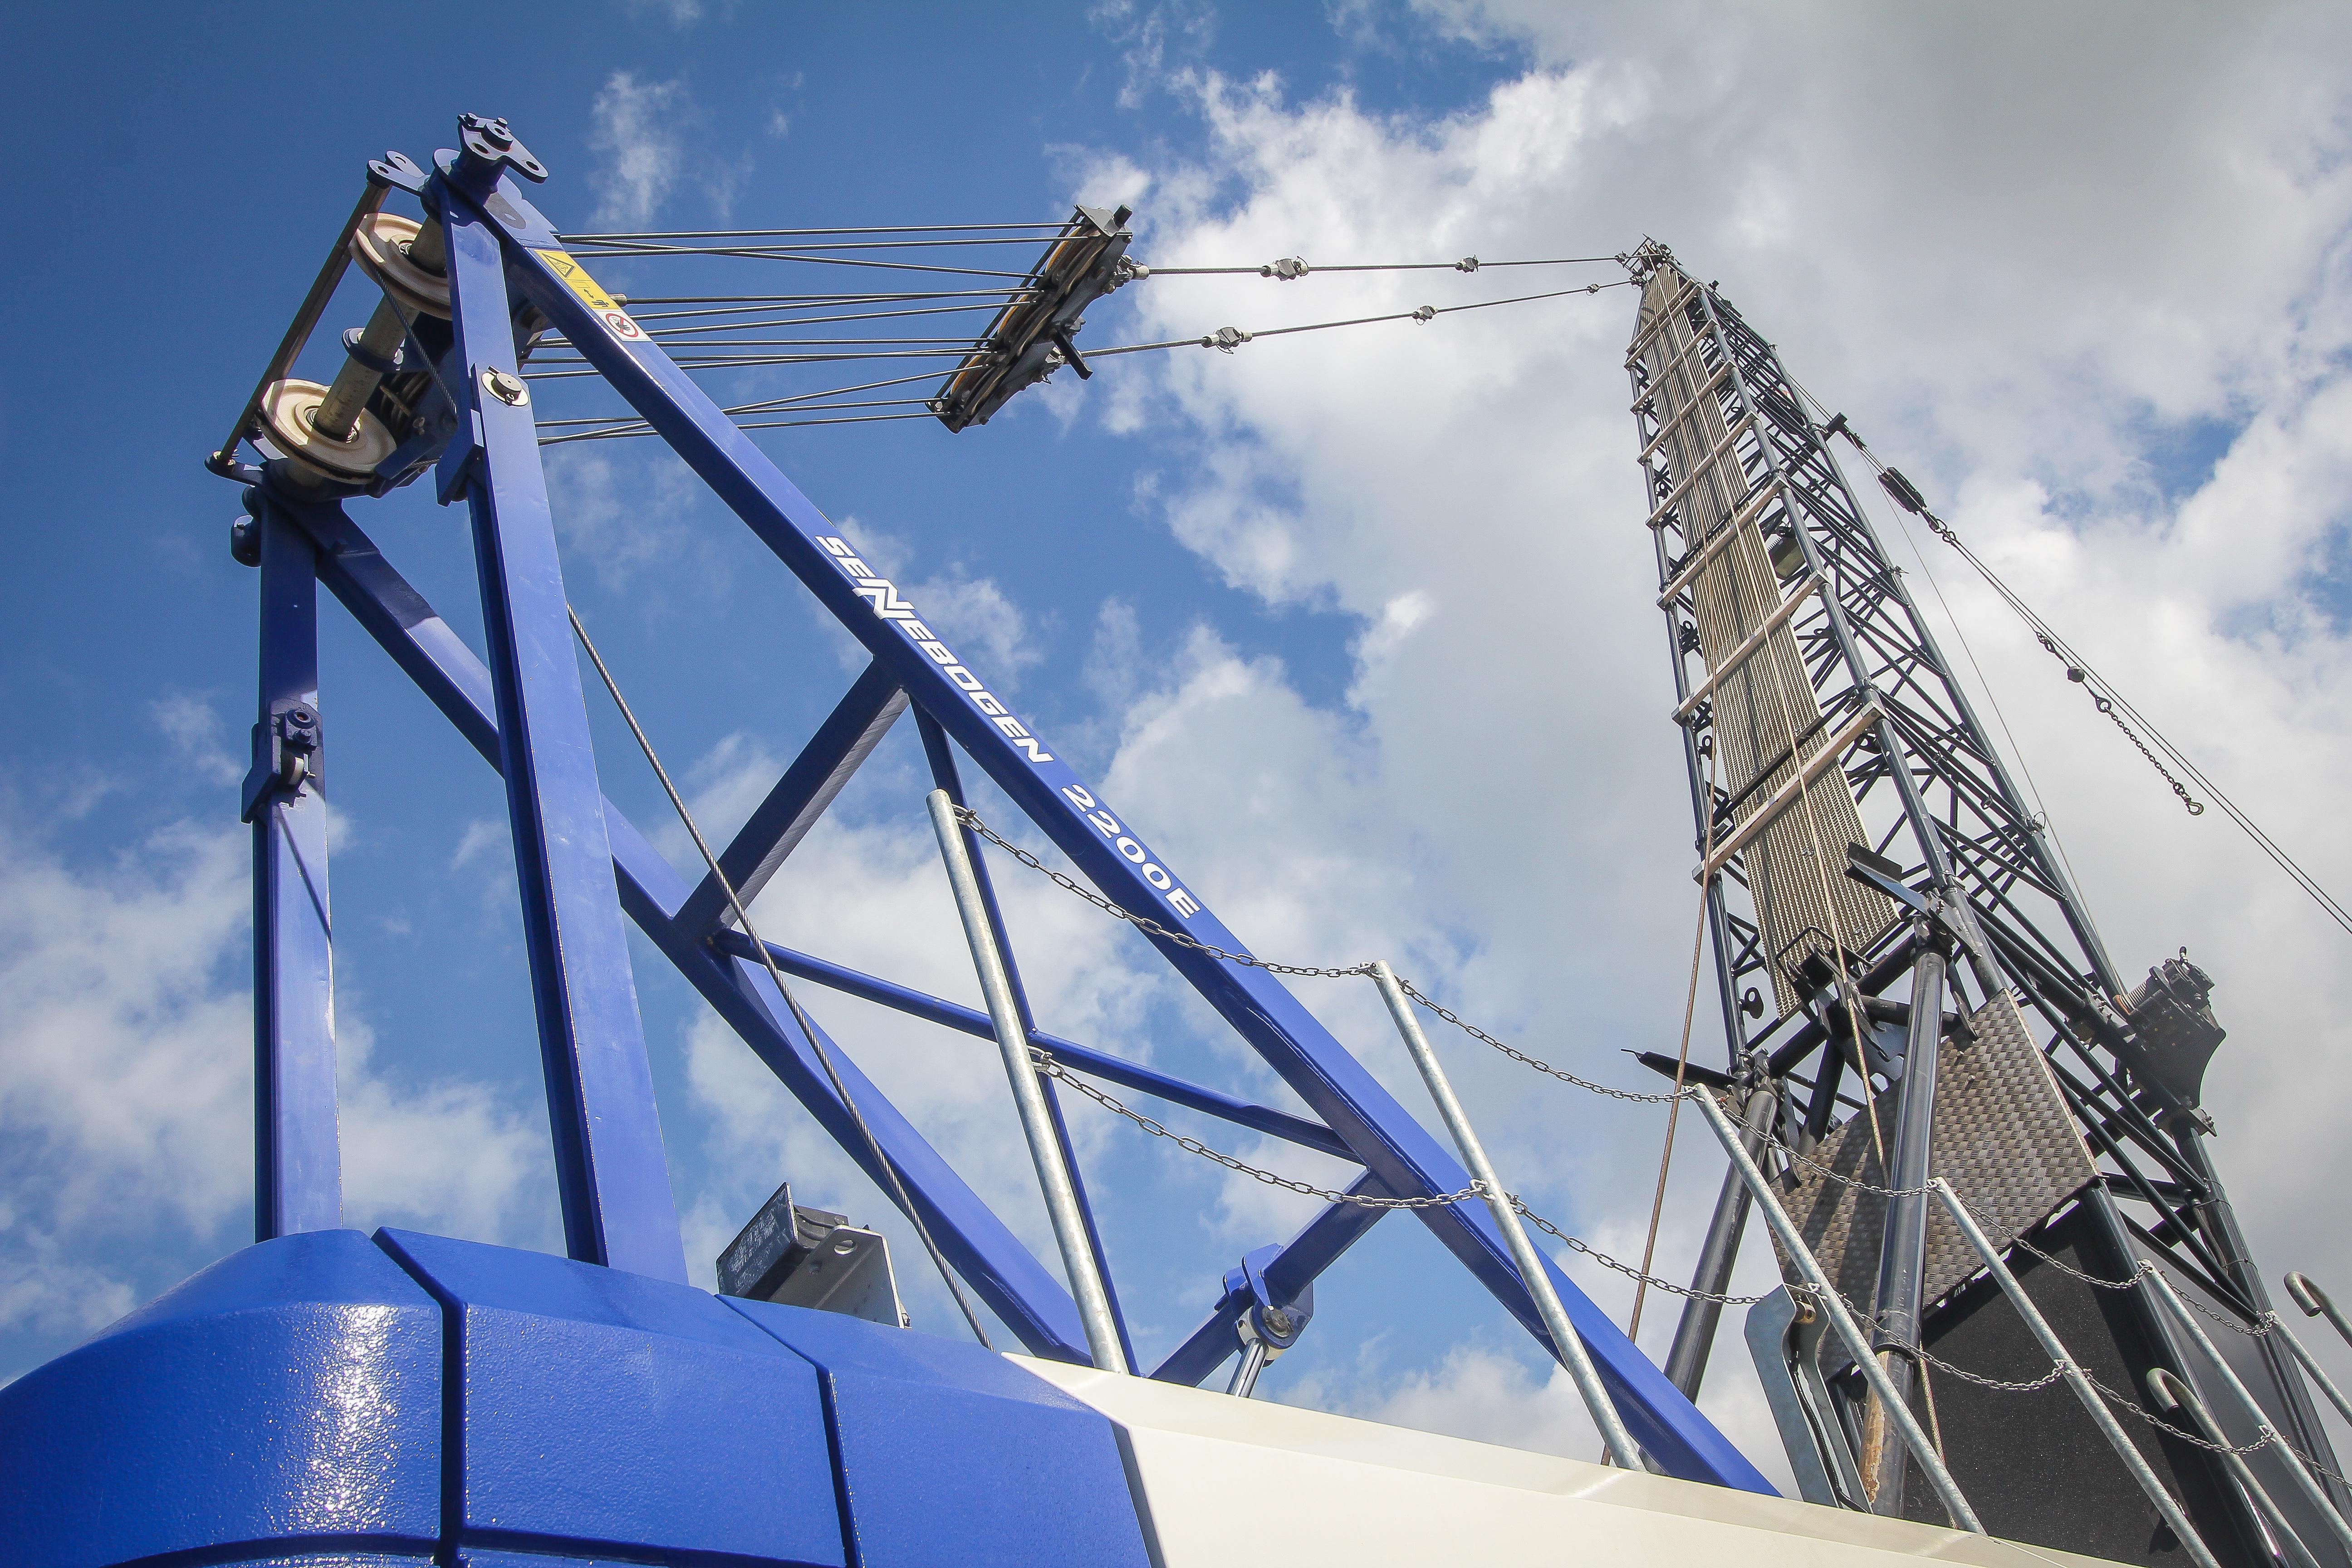 <p>De Klerk koos voor een gangbare 42,9 meter giek. De giek is modulair opgebouwd en leverbaar in lengtes van 12,1 tot 59,7 meter. Ook drie fly-jibs variërend van 13.1 m tot 24.3 meter kunnen hier bij op. </p>